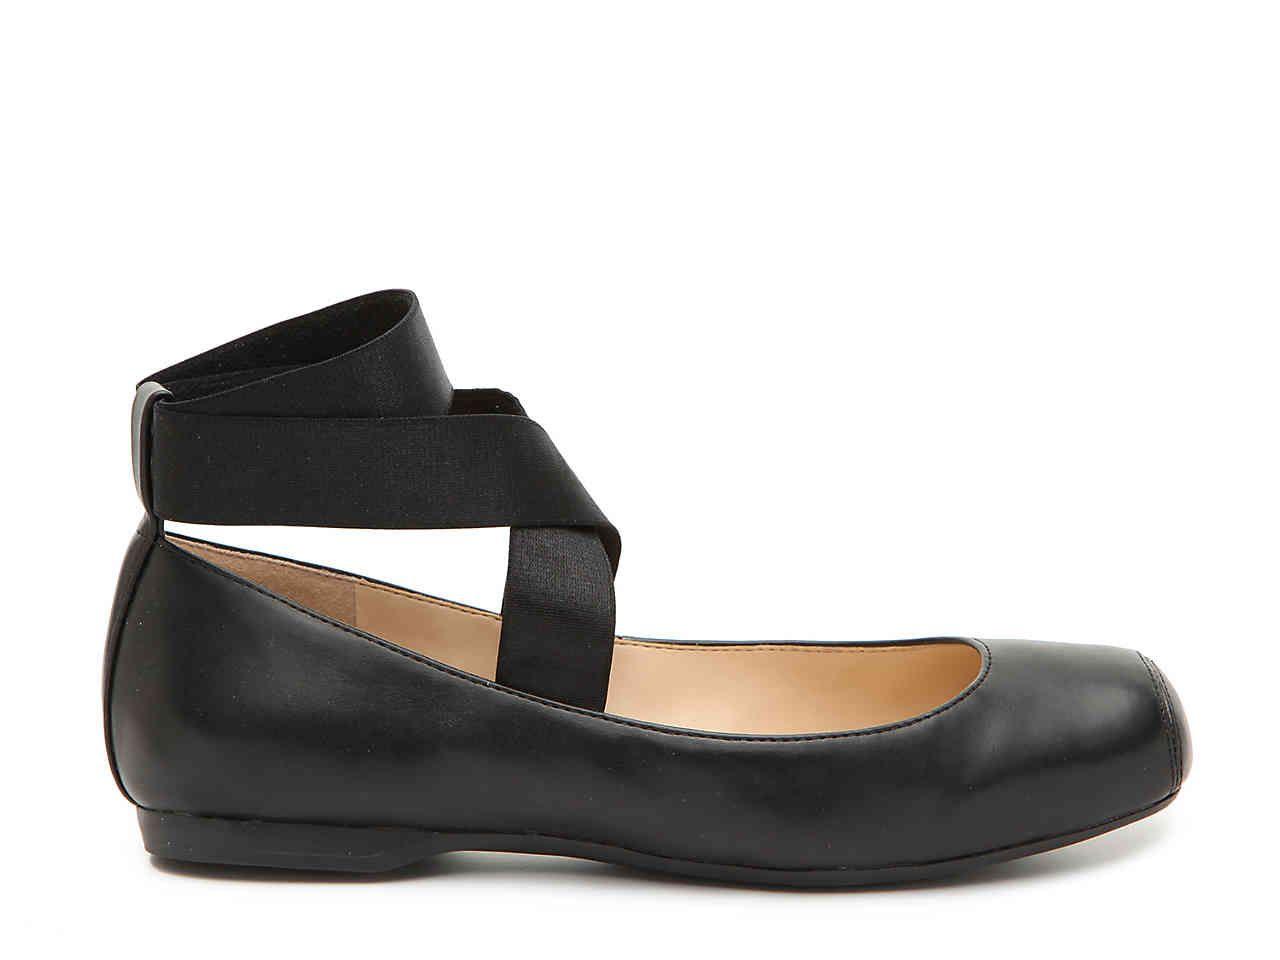 Jessica Simpson Manzie Ballet Flat in